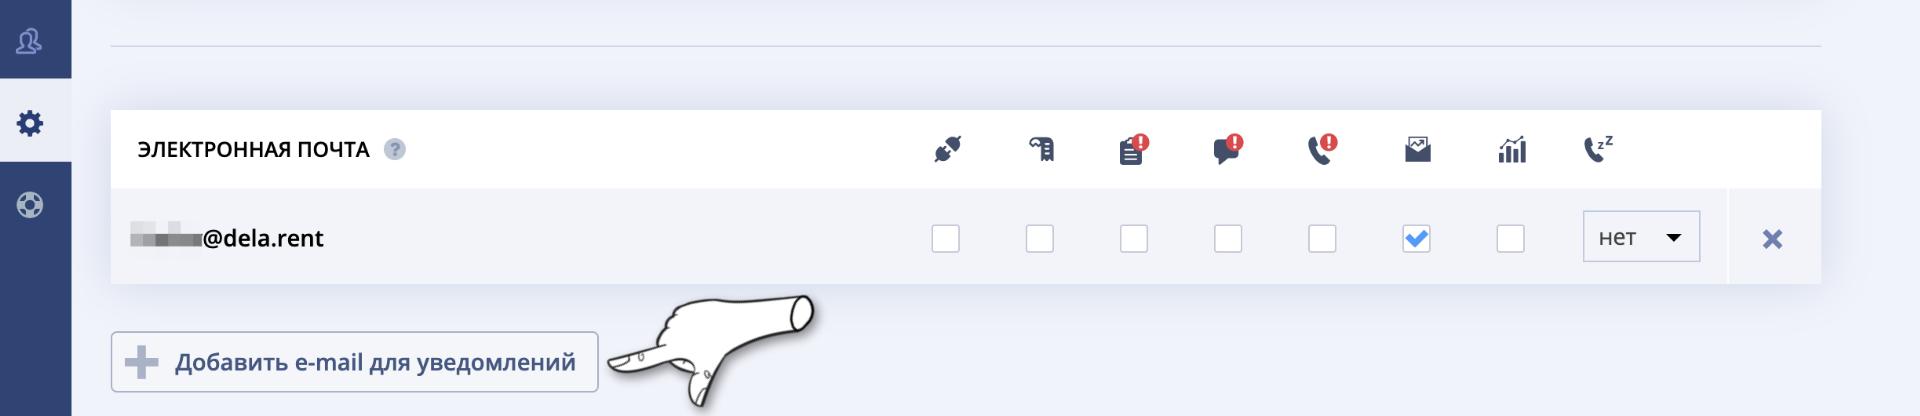 Настроит отправку уведомлений по email сотрудникам, которые не зарегистрированы в Callibri